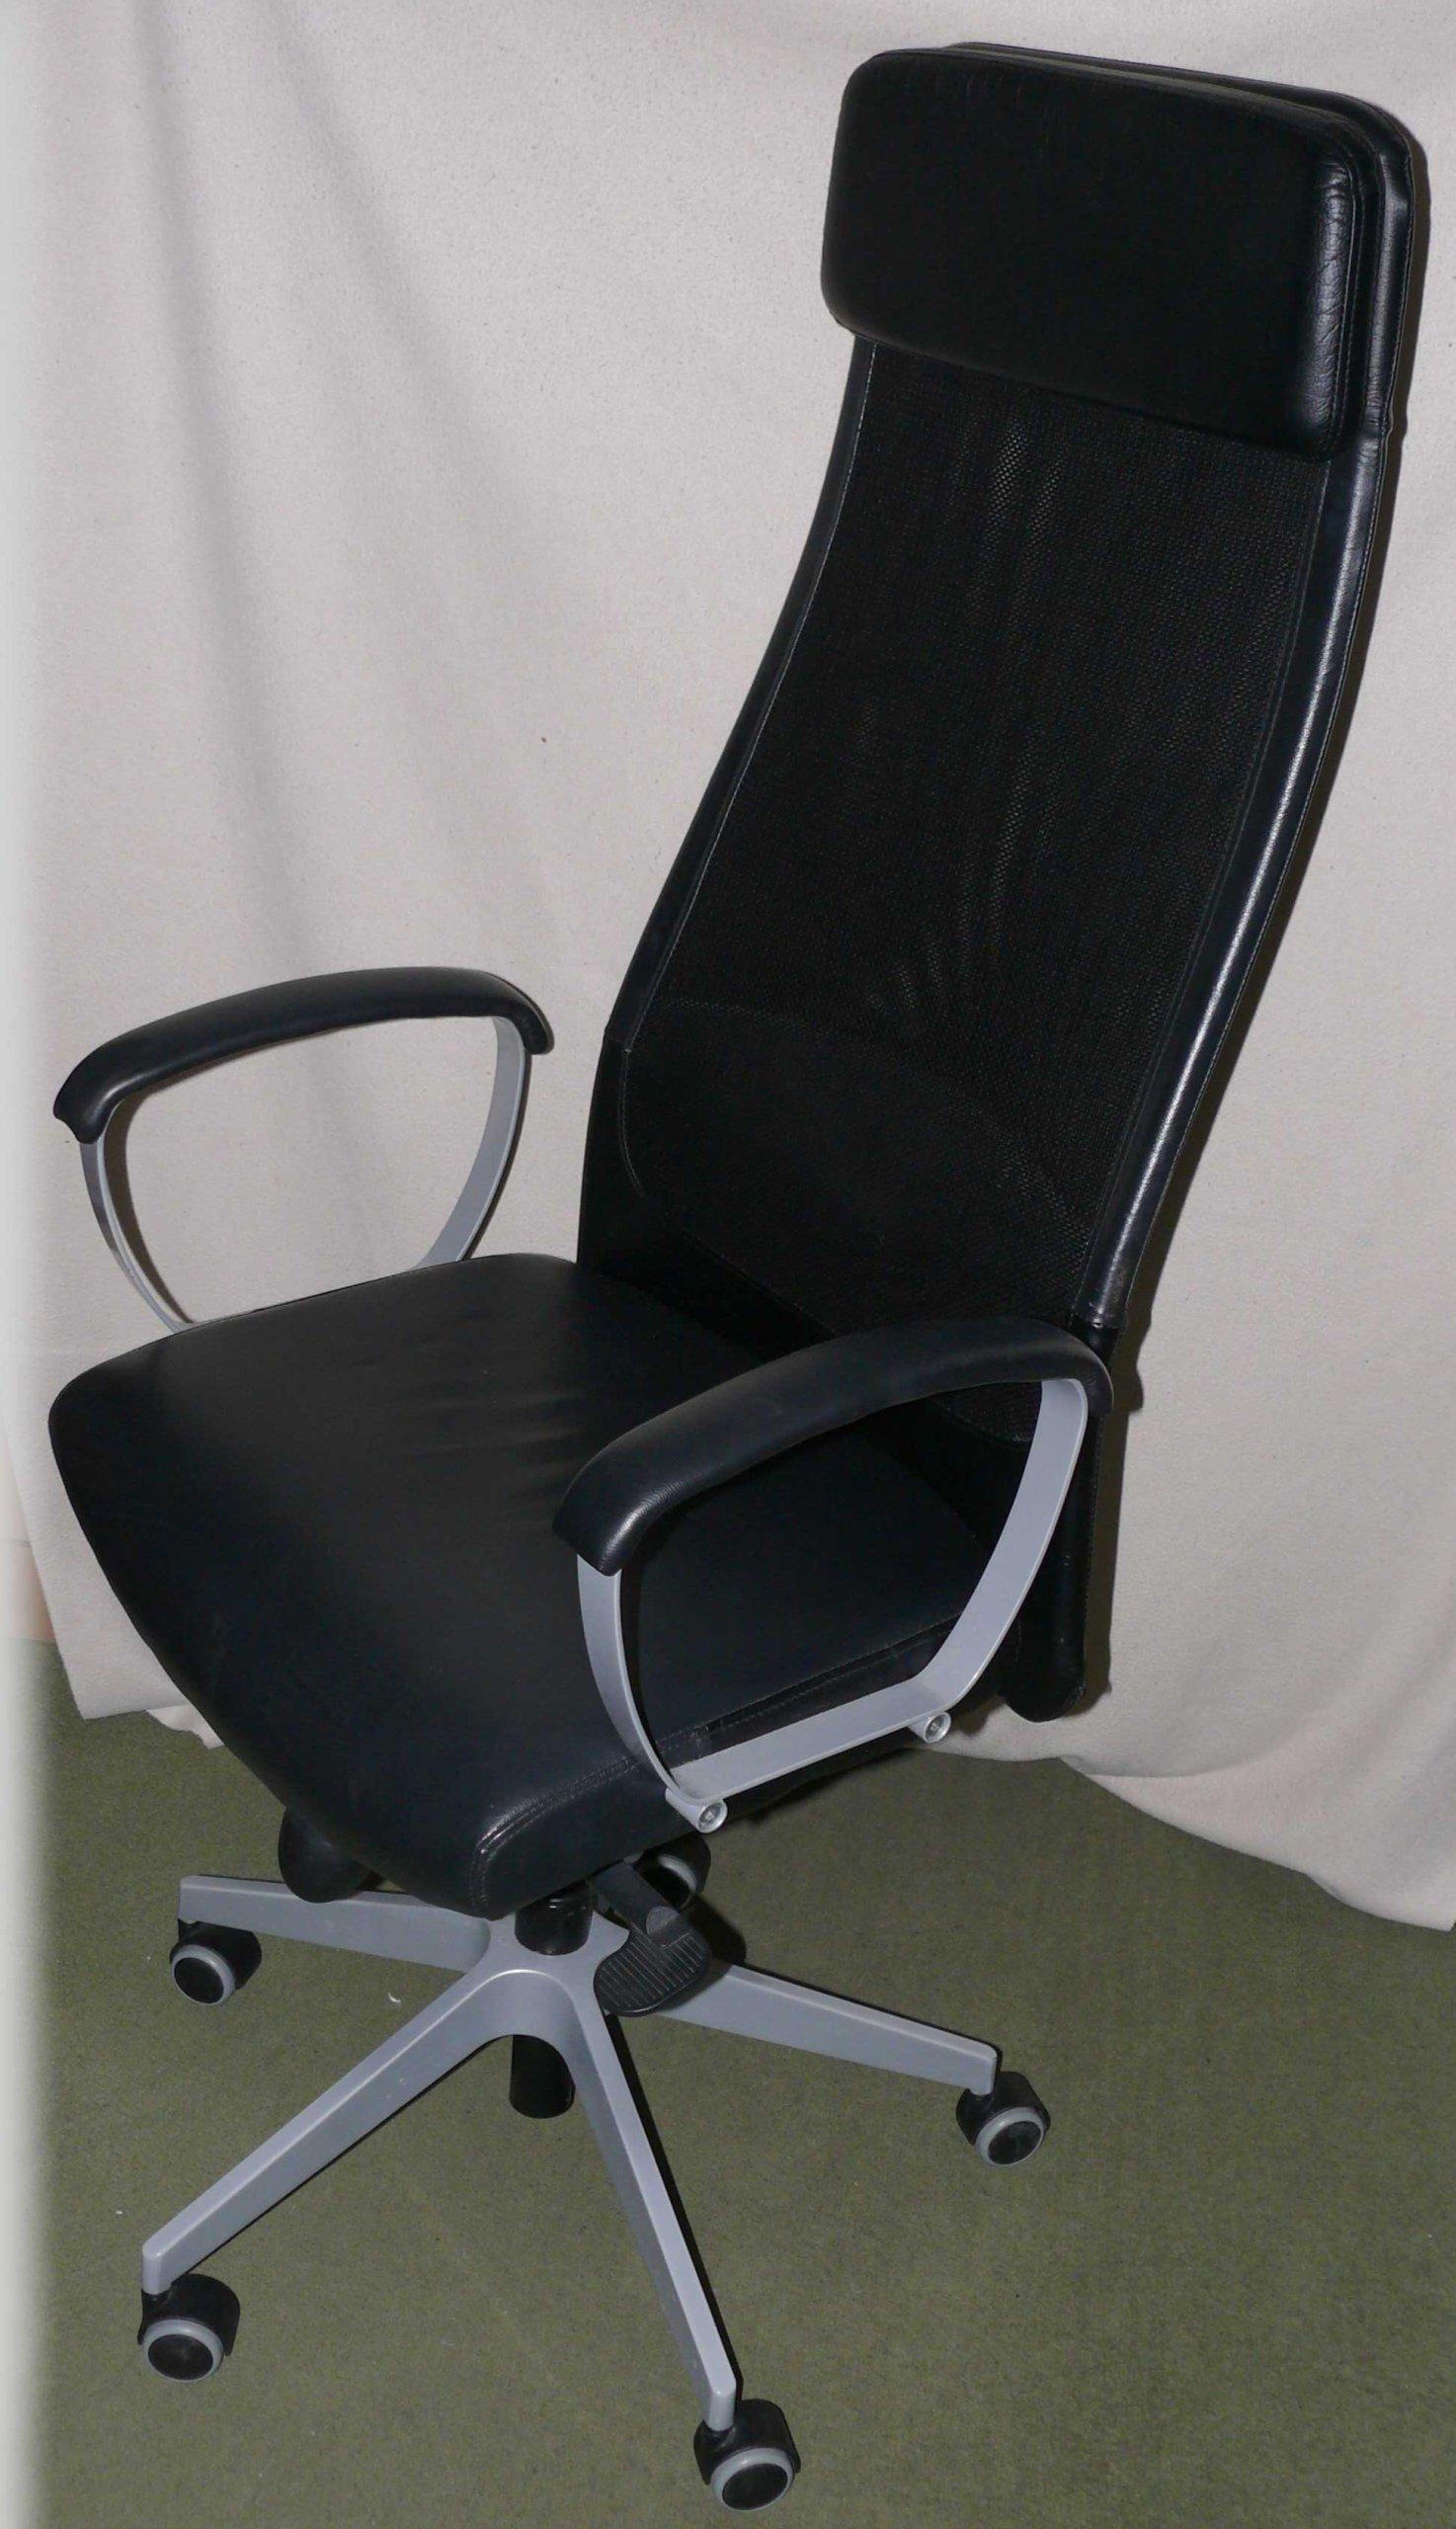 Fotel Biurowy Markus Ikea 7346650555 Oficjalne Archiwum Allegro